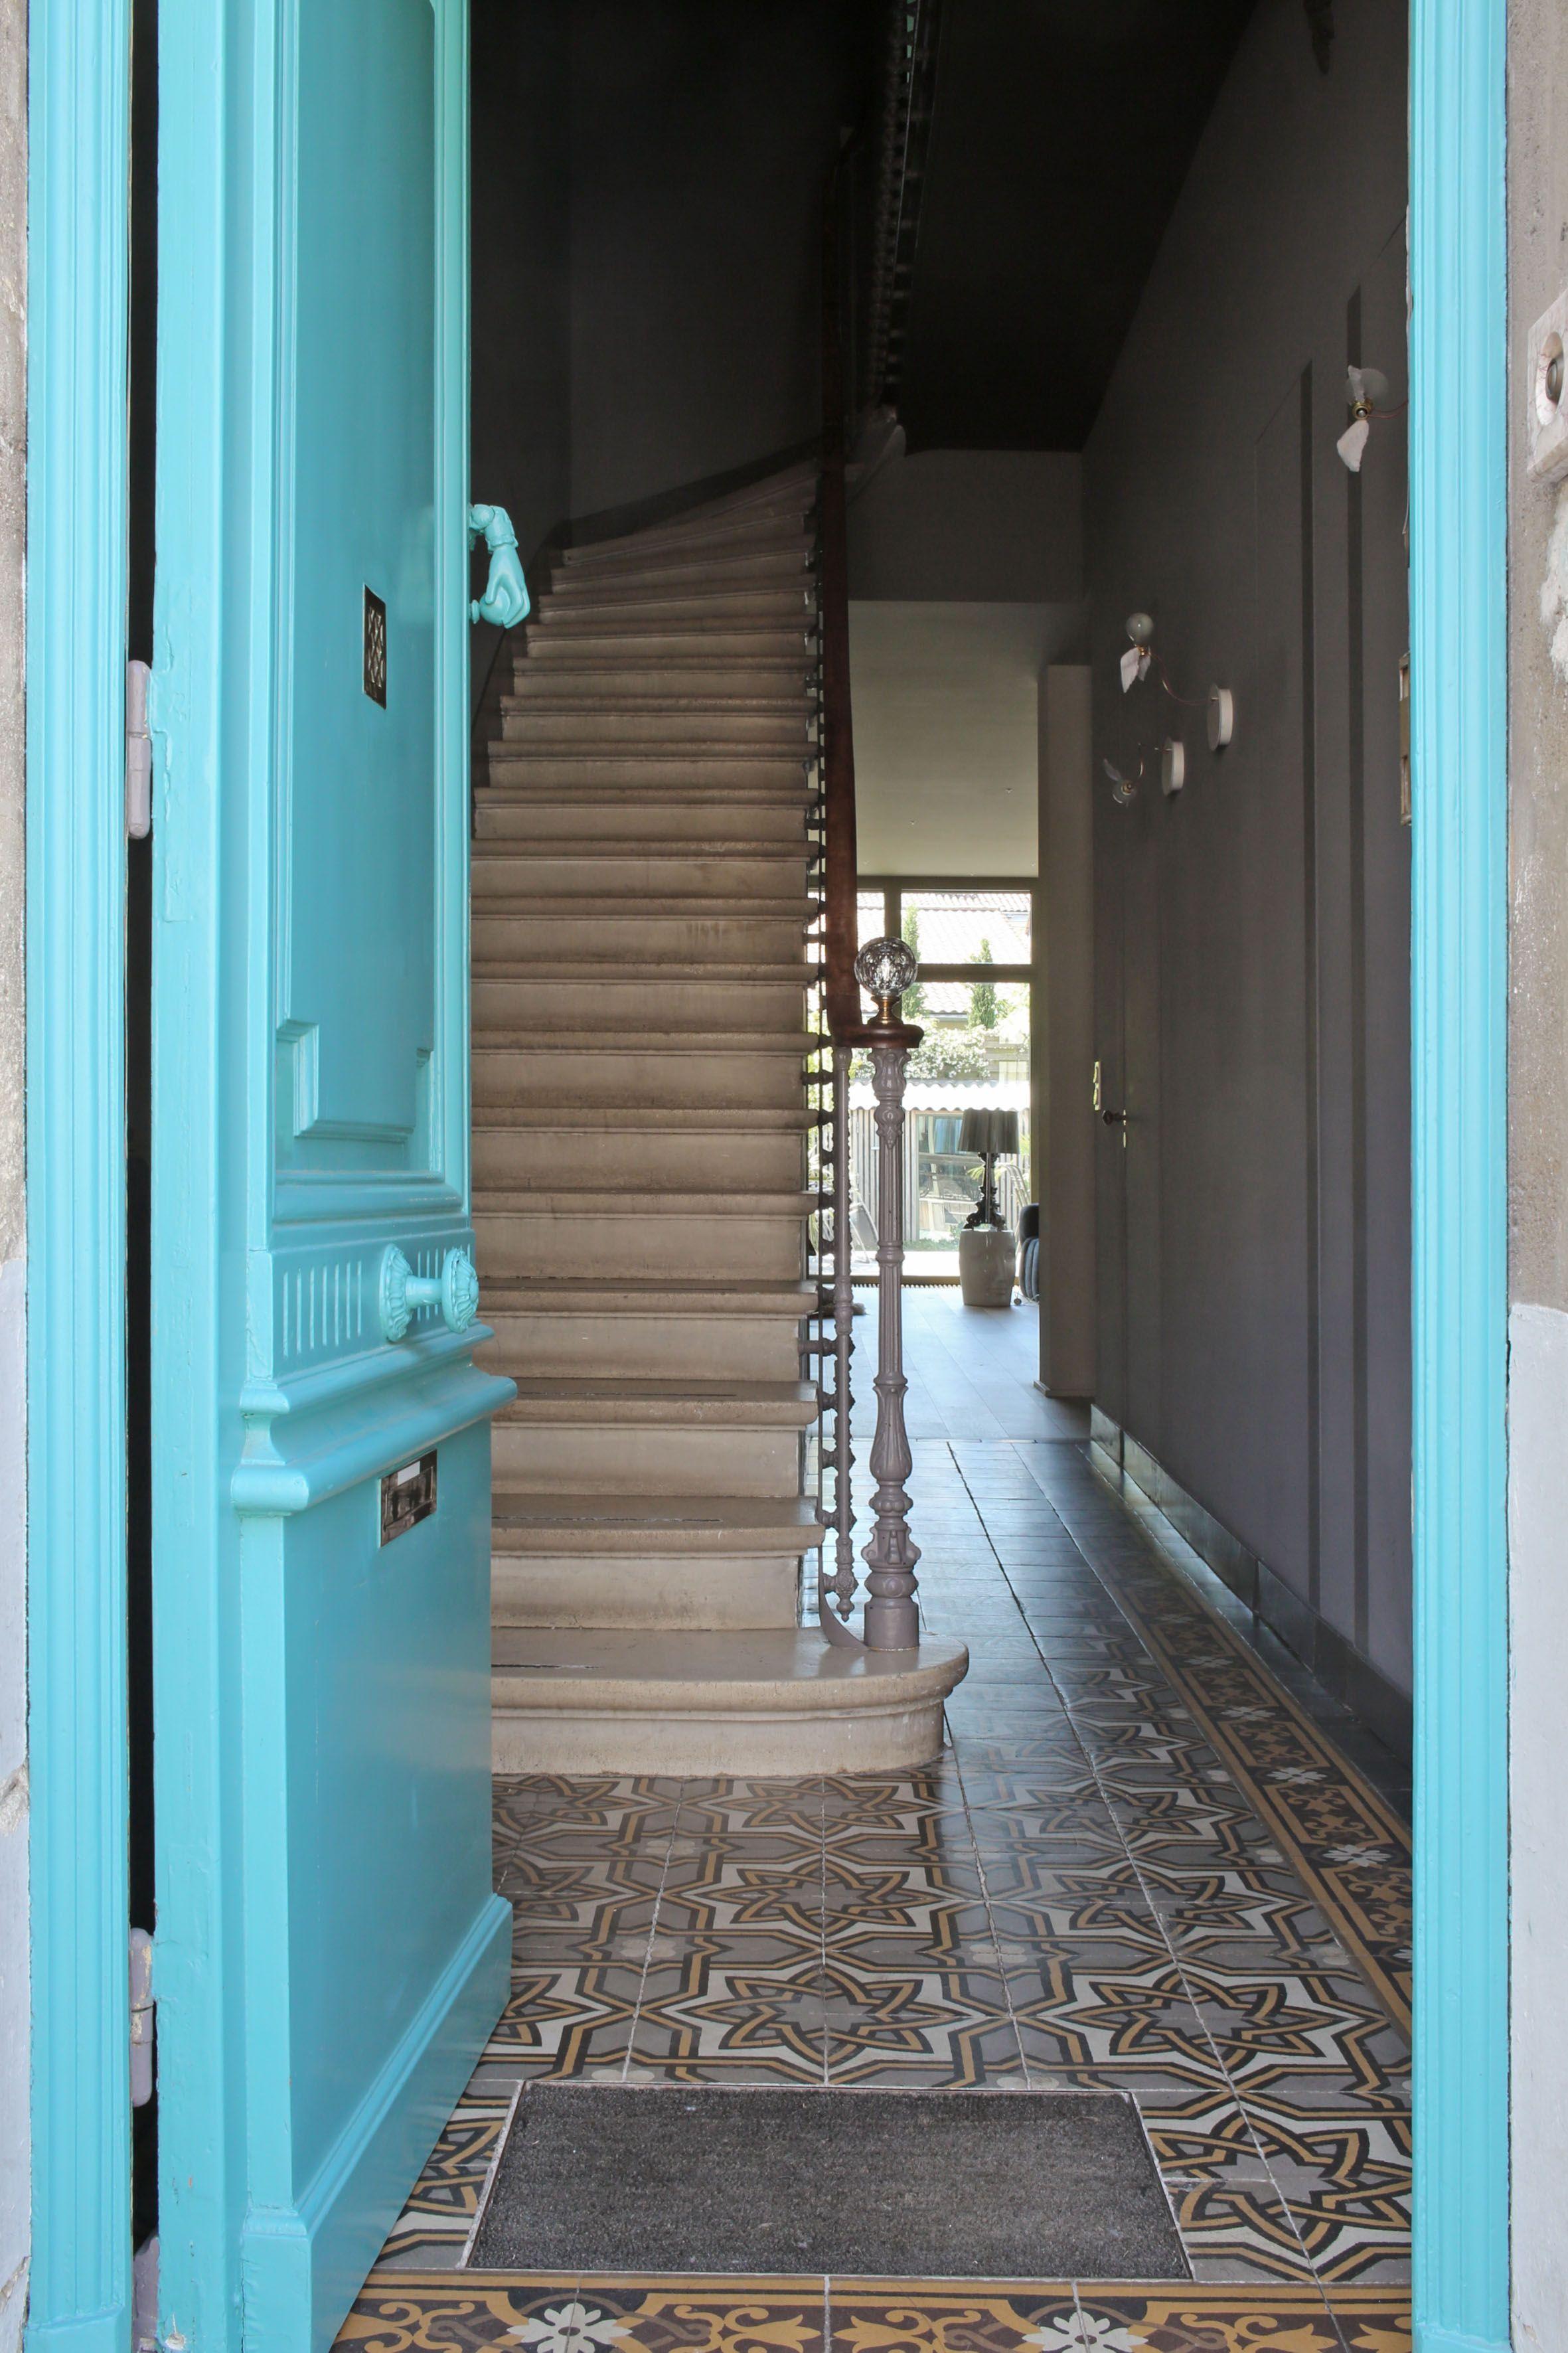 Porte d 39 entr e ancienne bleu turquoise ouvrant sur une Entree interieur maison